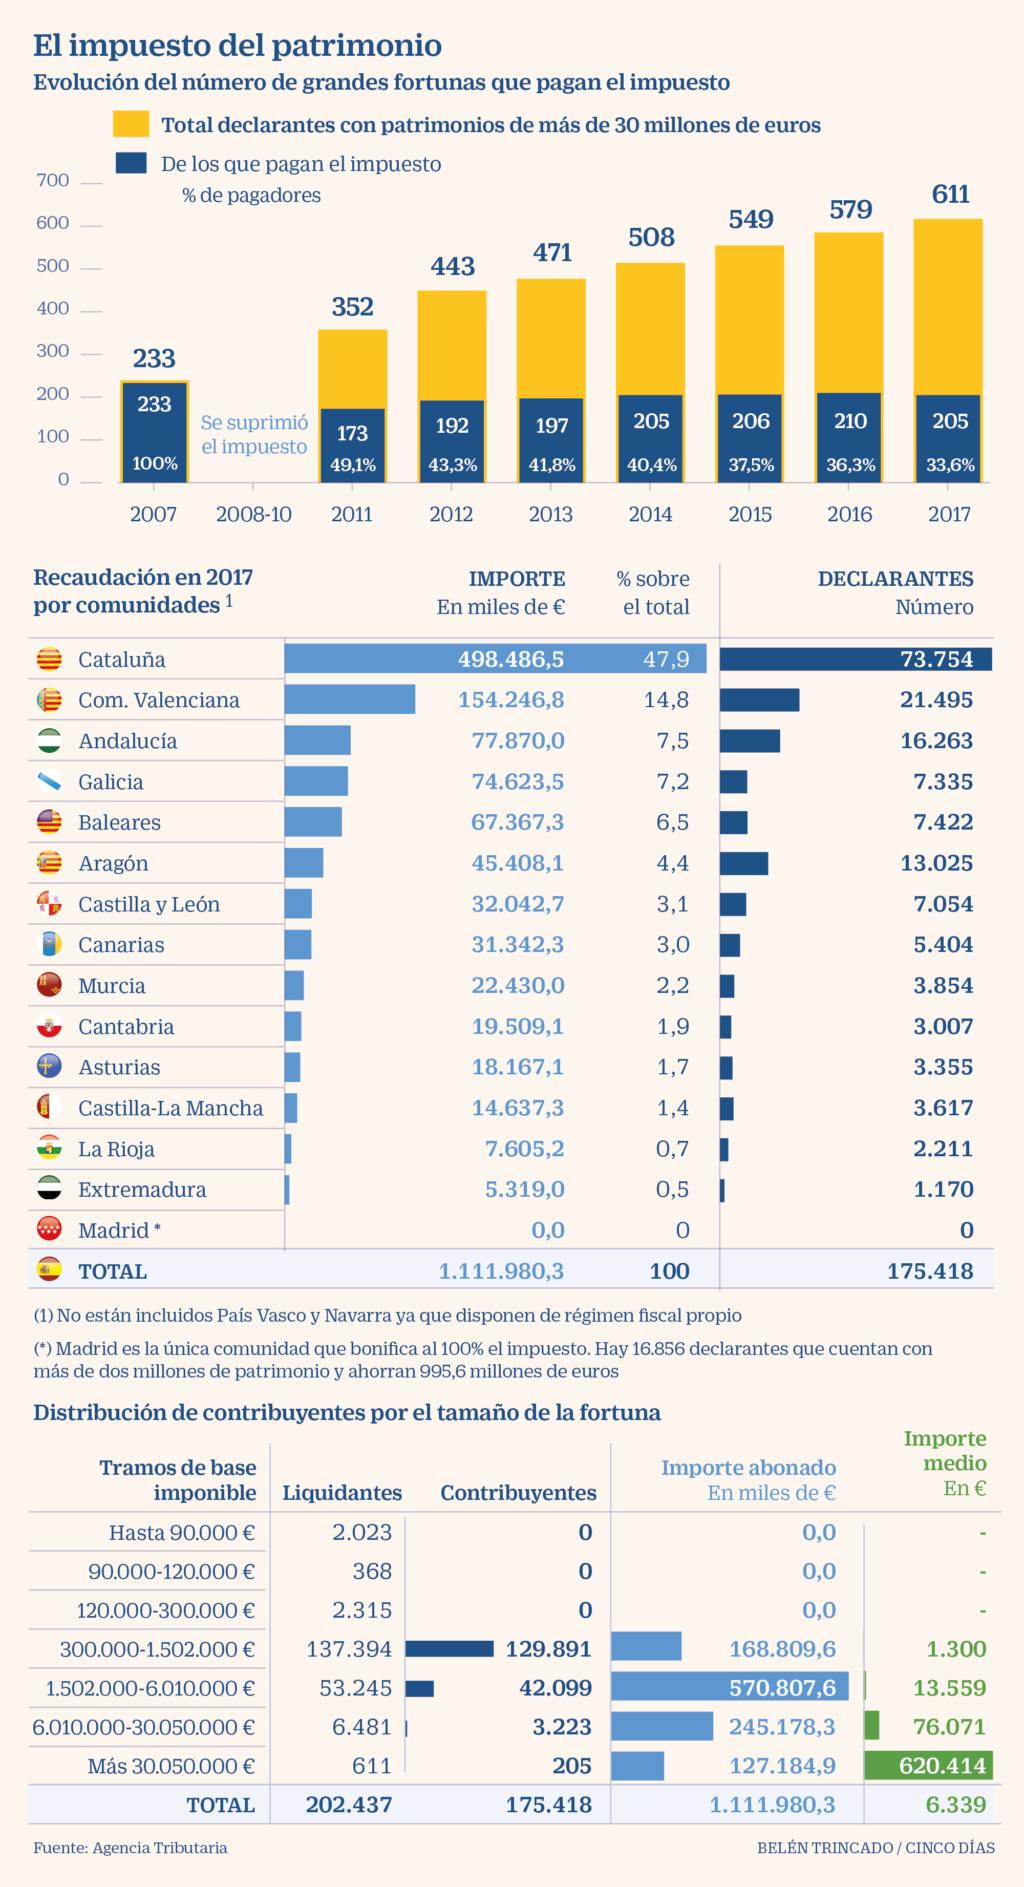 España: Impuestos de patrimonio, renta y sociedades. Otros  impuestos.Presión clasista del capital. - Página 2 98ed0b10